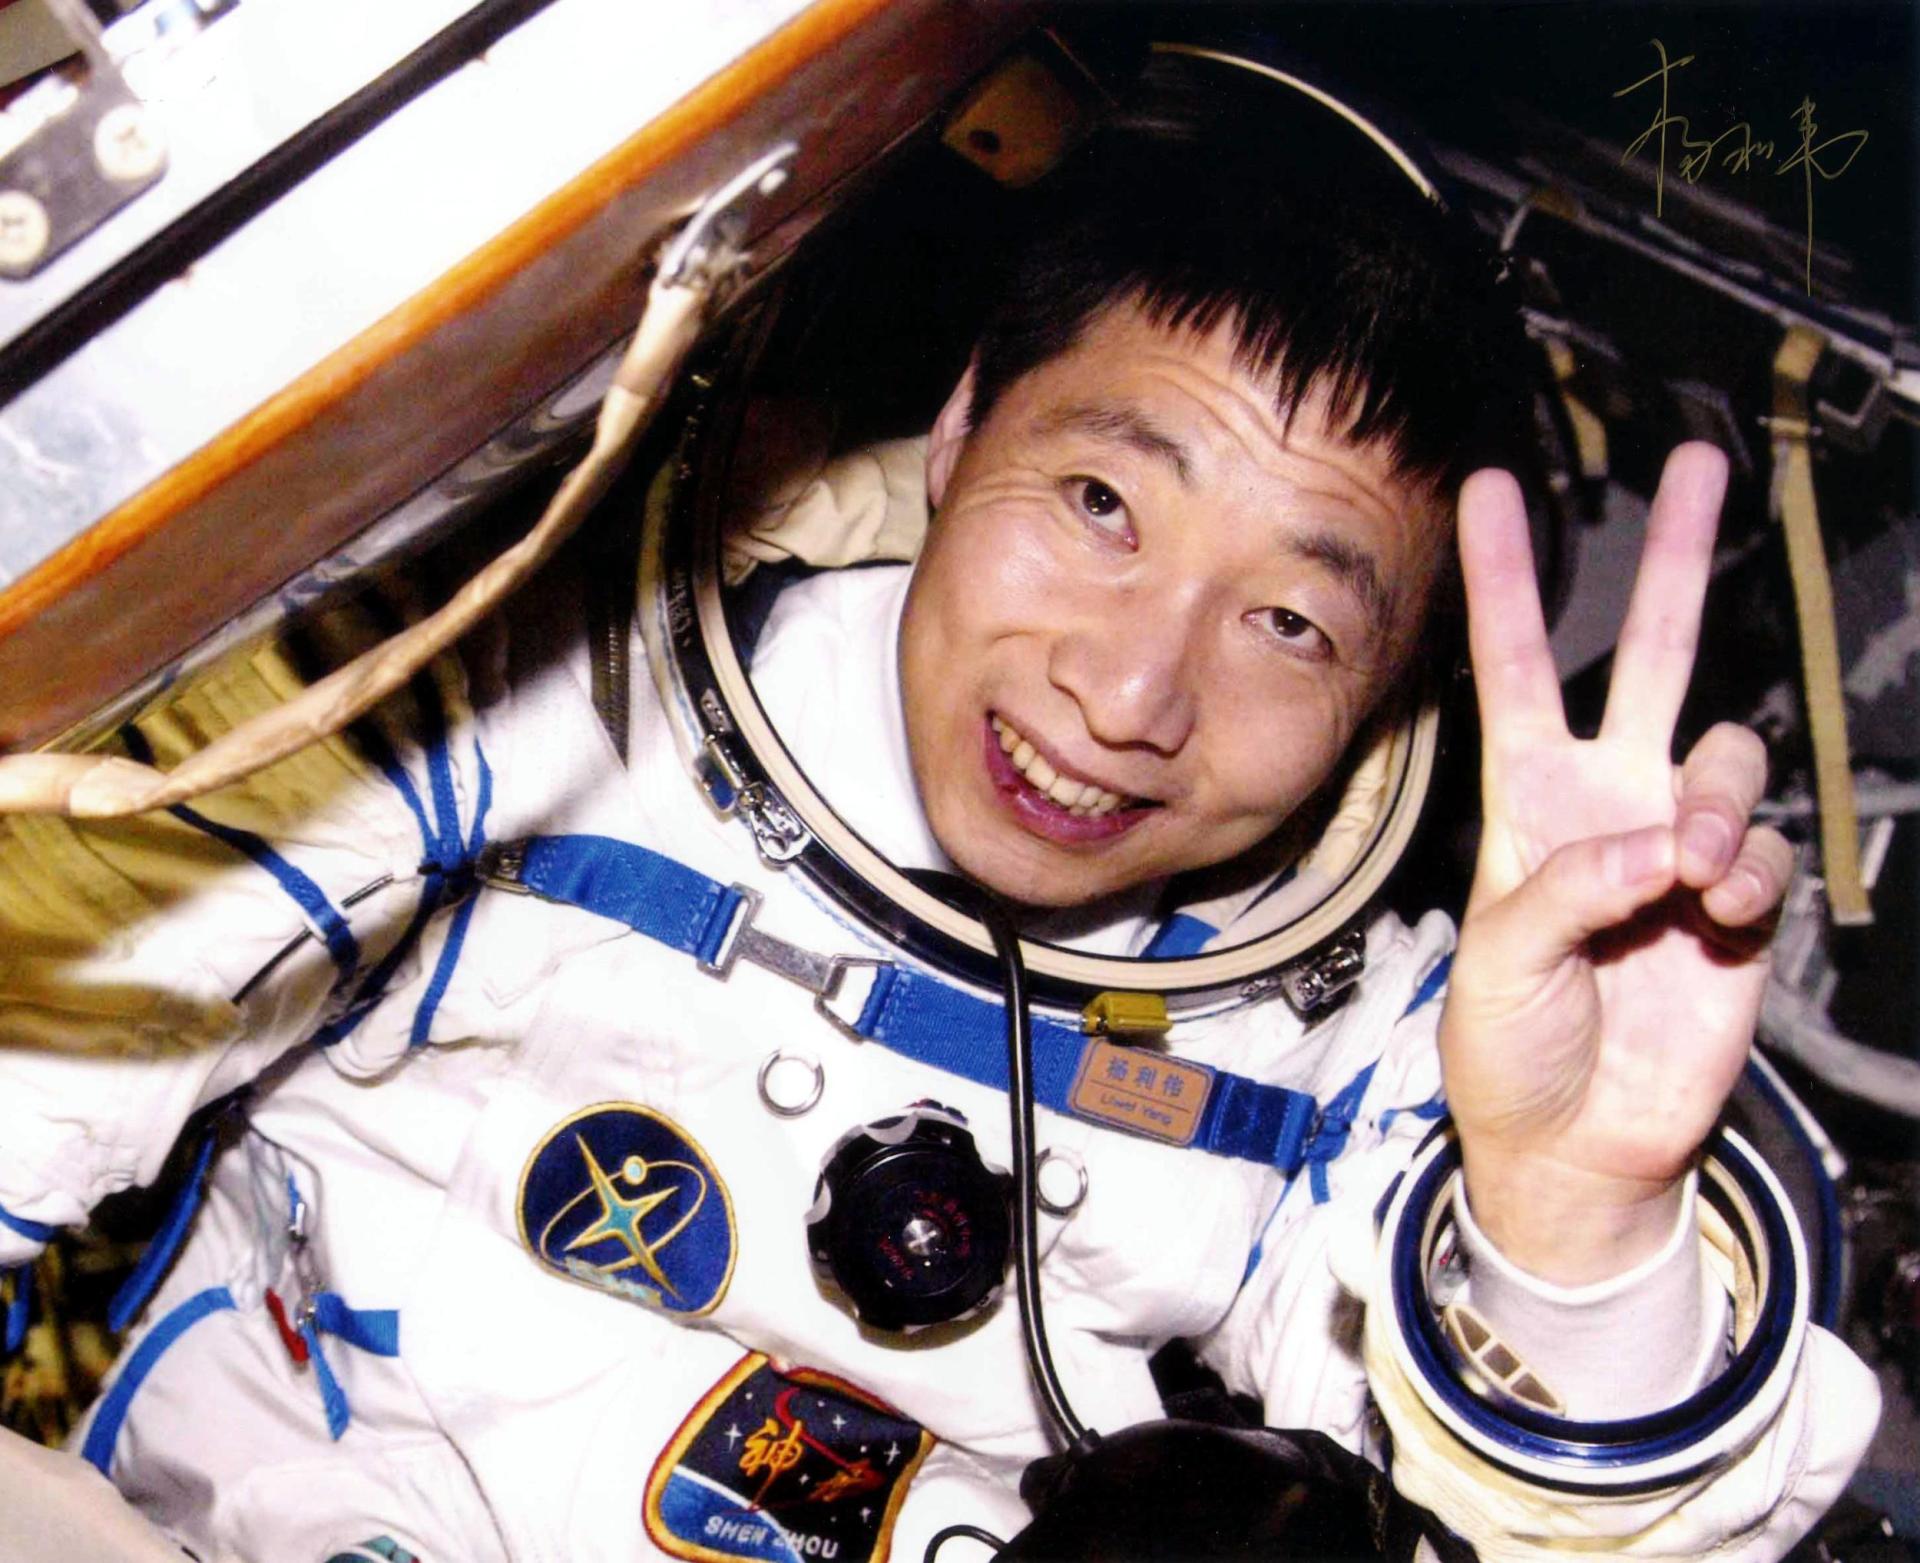 """杨利伟在太空中听到的神秘""""敲门声""""是什么?专家找到答案了 原创2021-06-28 01:27·钟铭聊科学 航天英雄杨利伟的一篇文章《太空一日》火了,这篇文章还被选入了语文教材之中。  在这篇文章中,"""